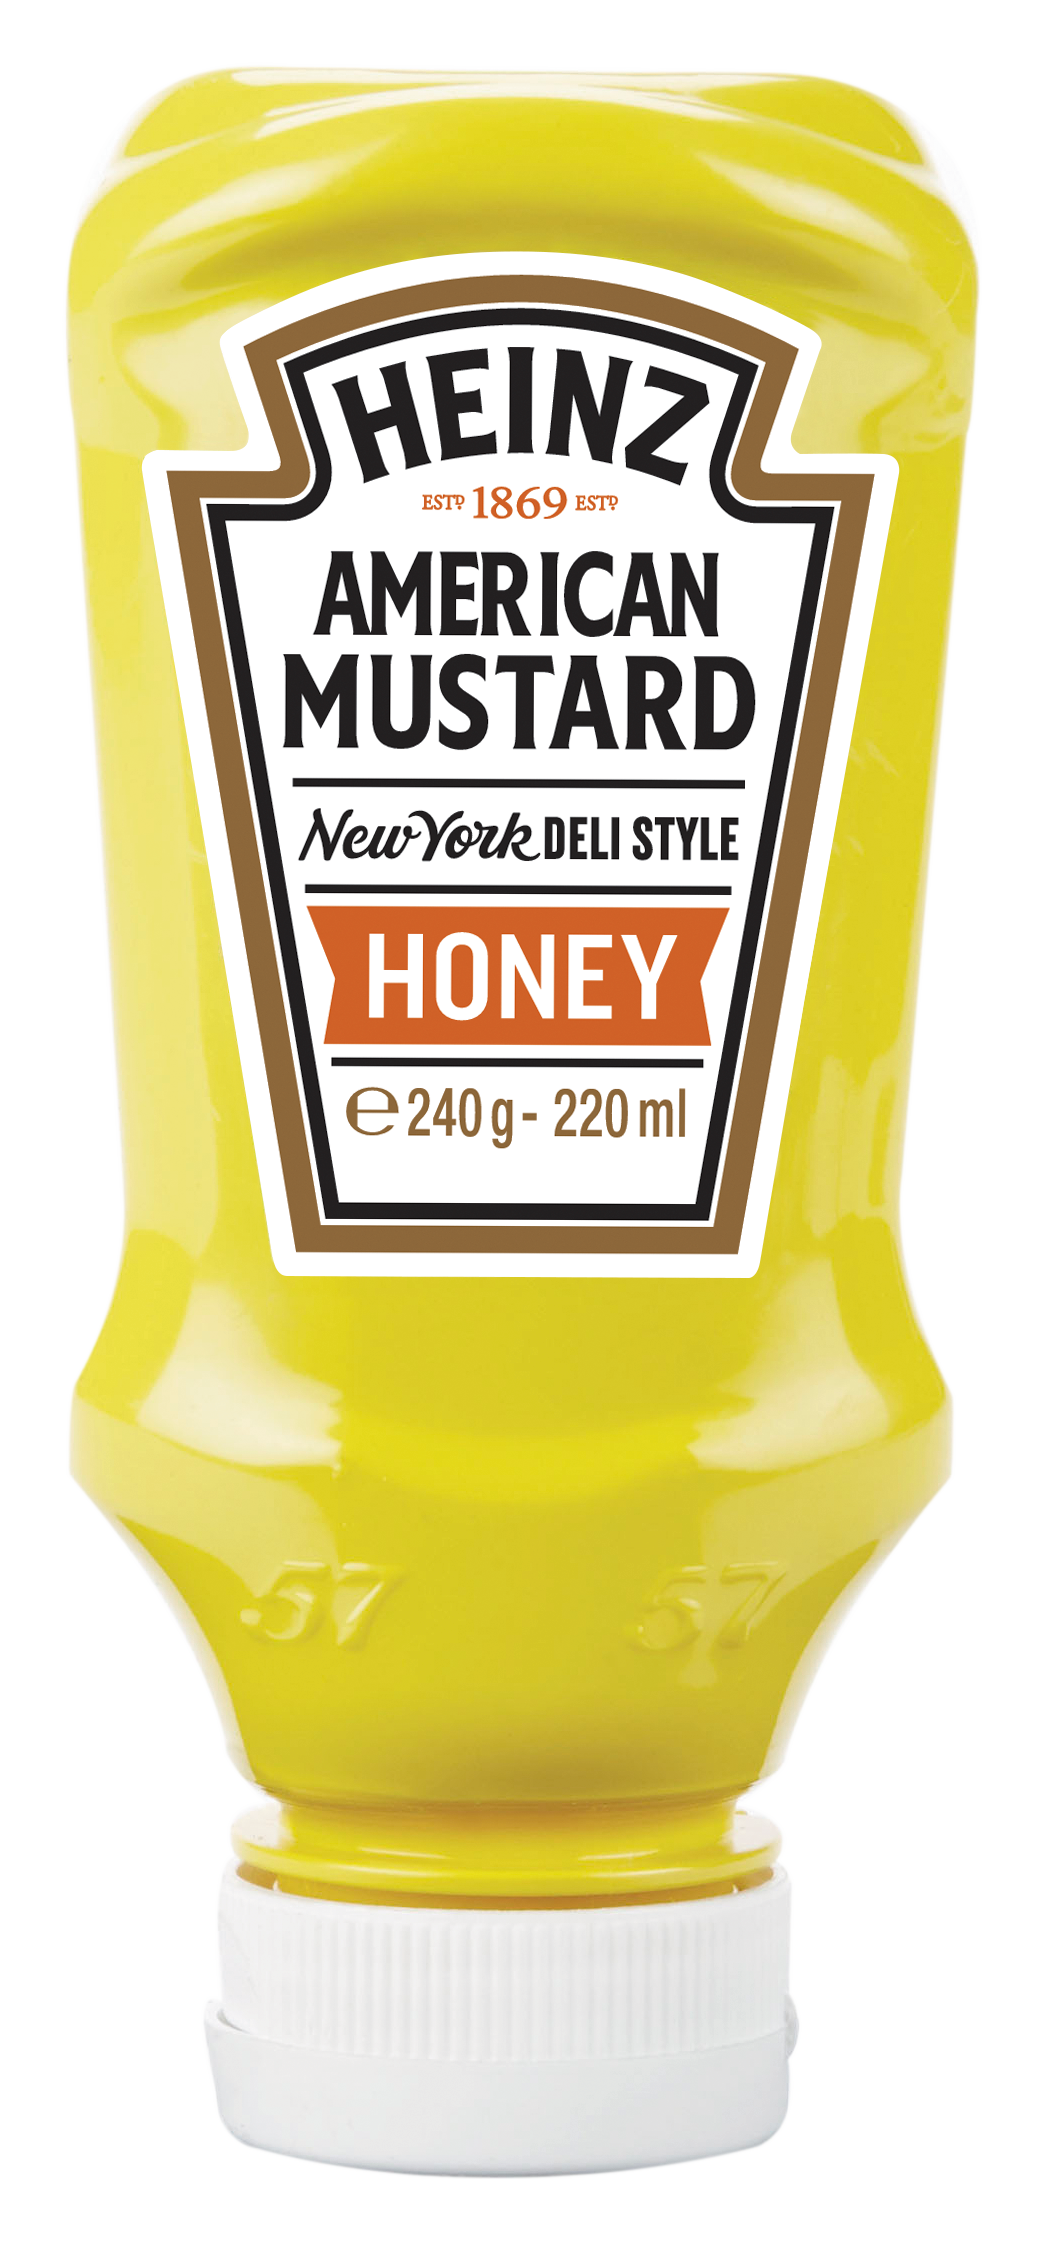 American Mustard Honey